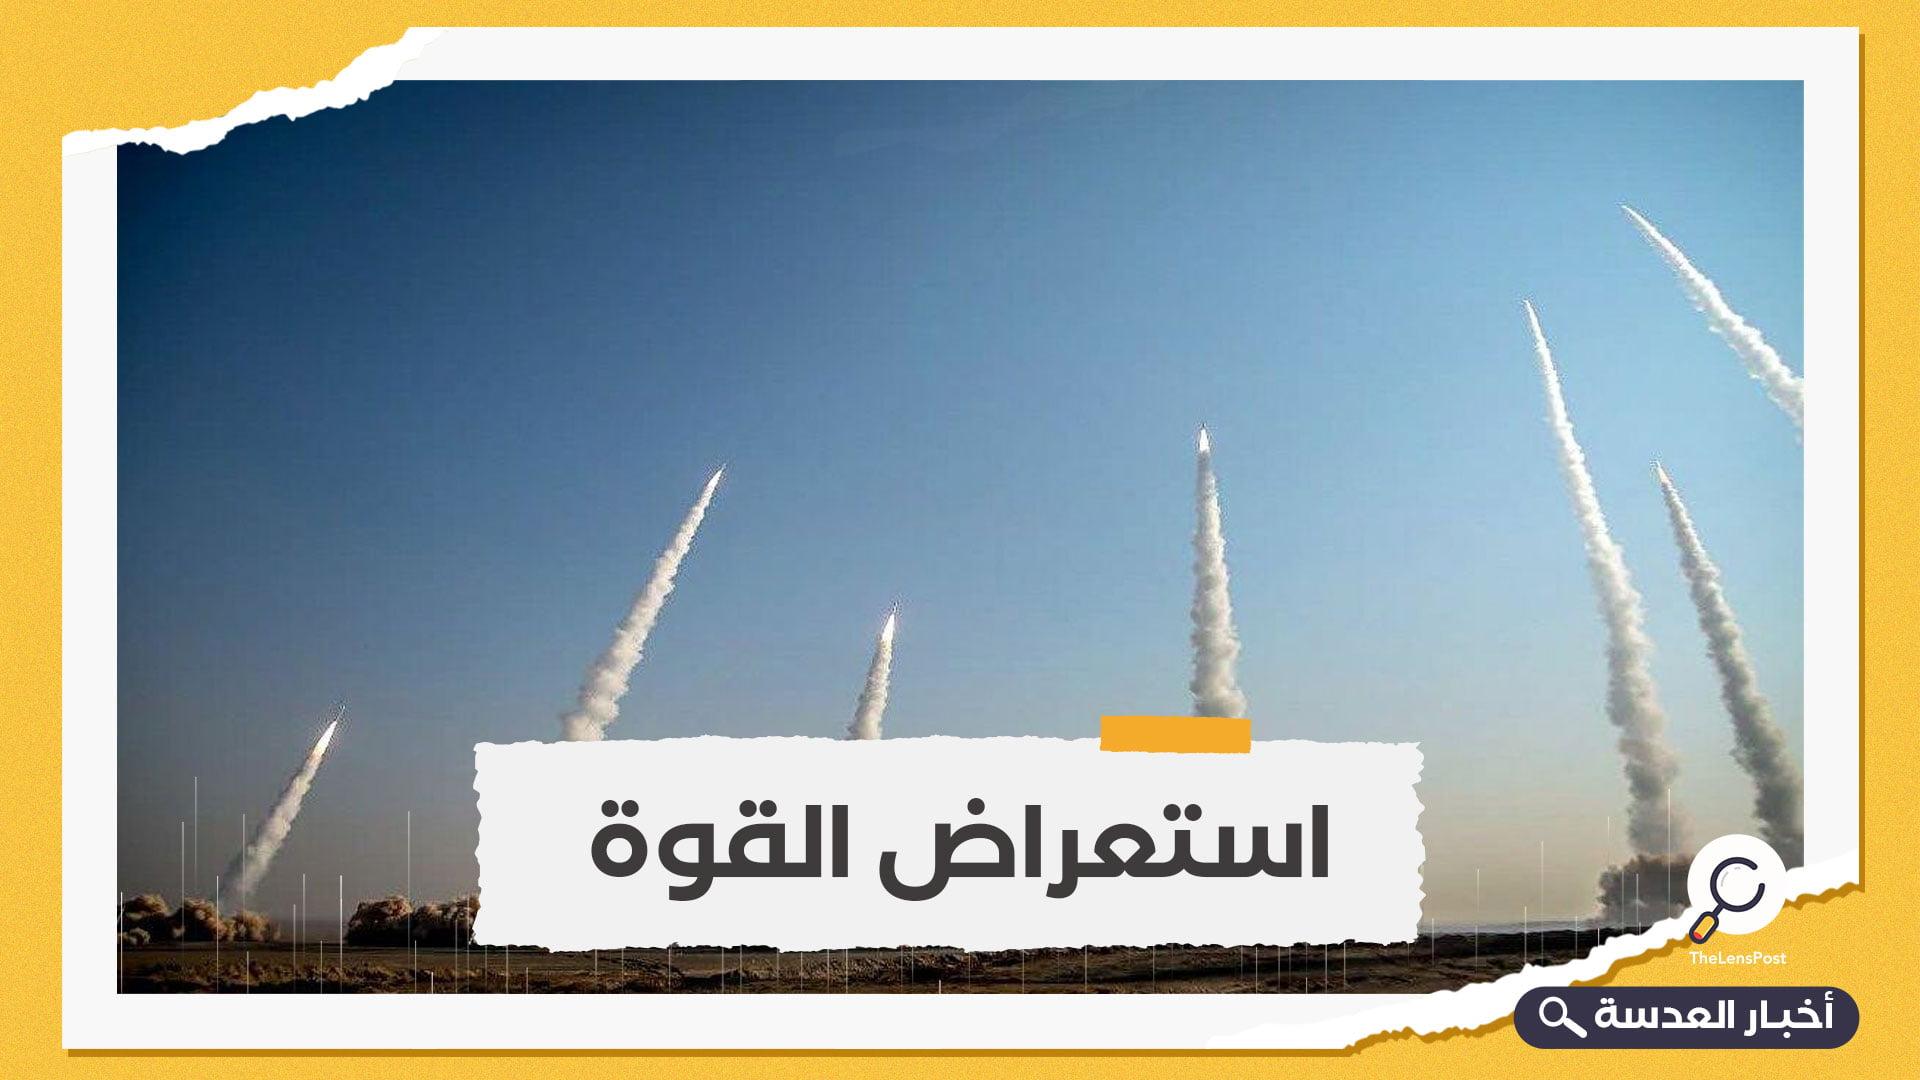 إيران تستعرض قوتها وتسقط صاروخين بالقرب من حاملة طائرات أمريكية